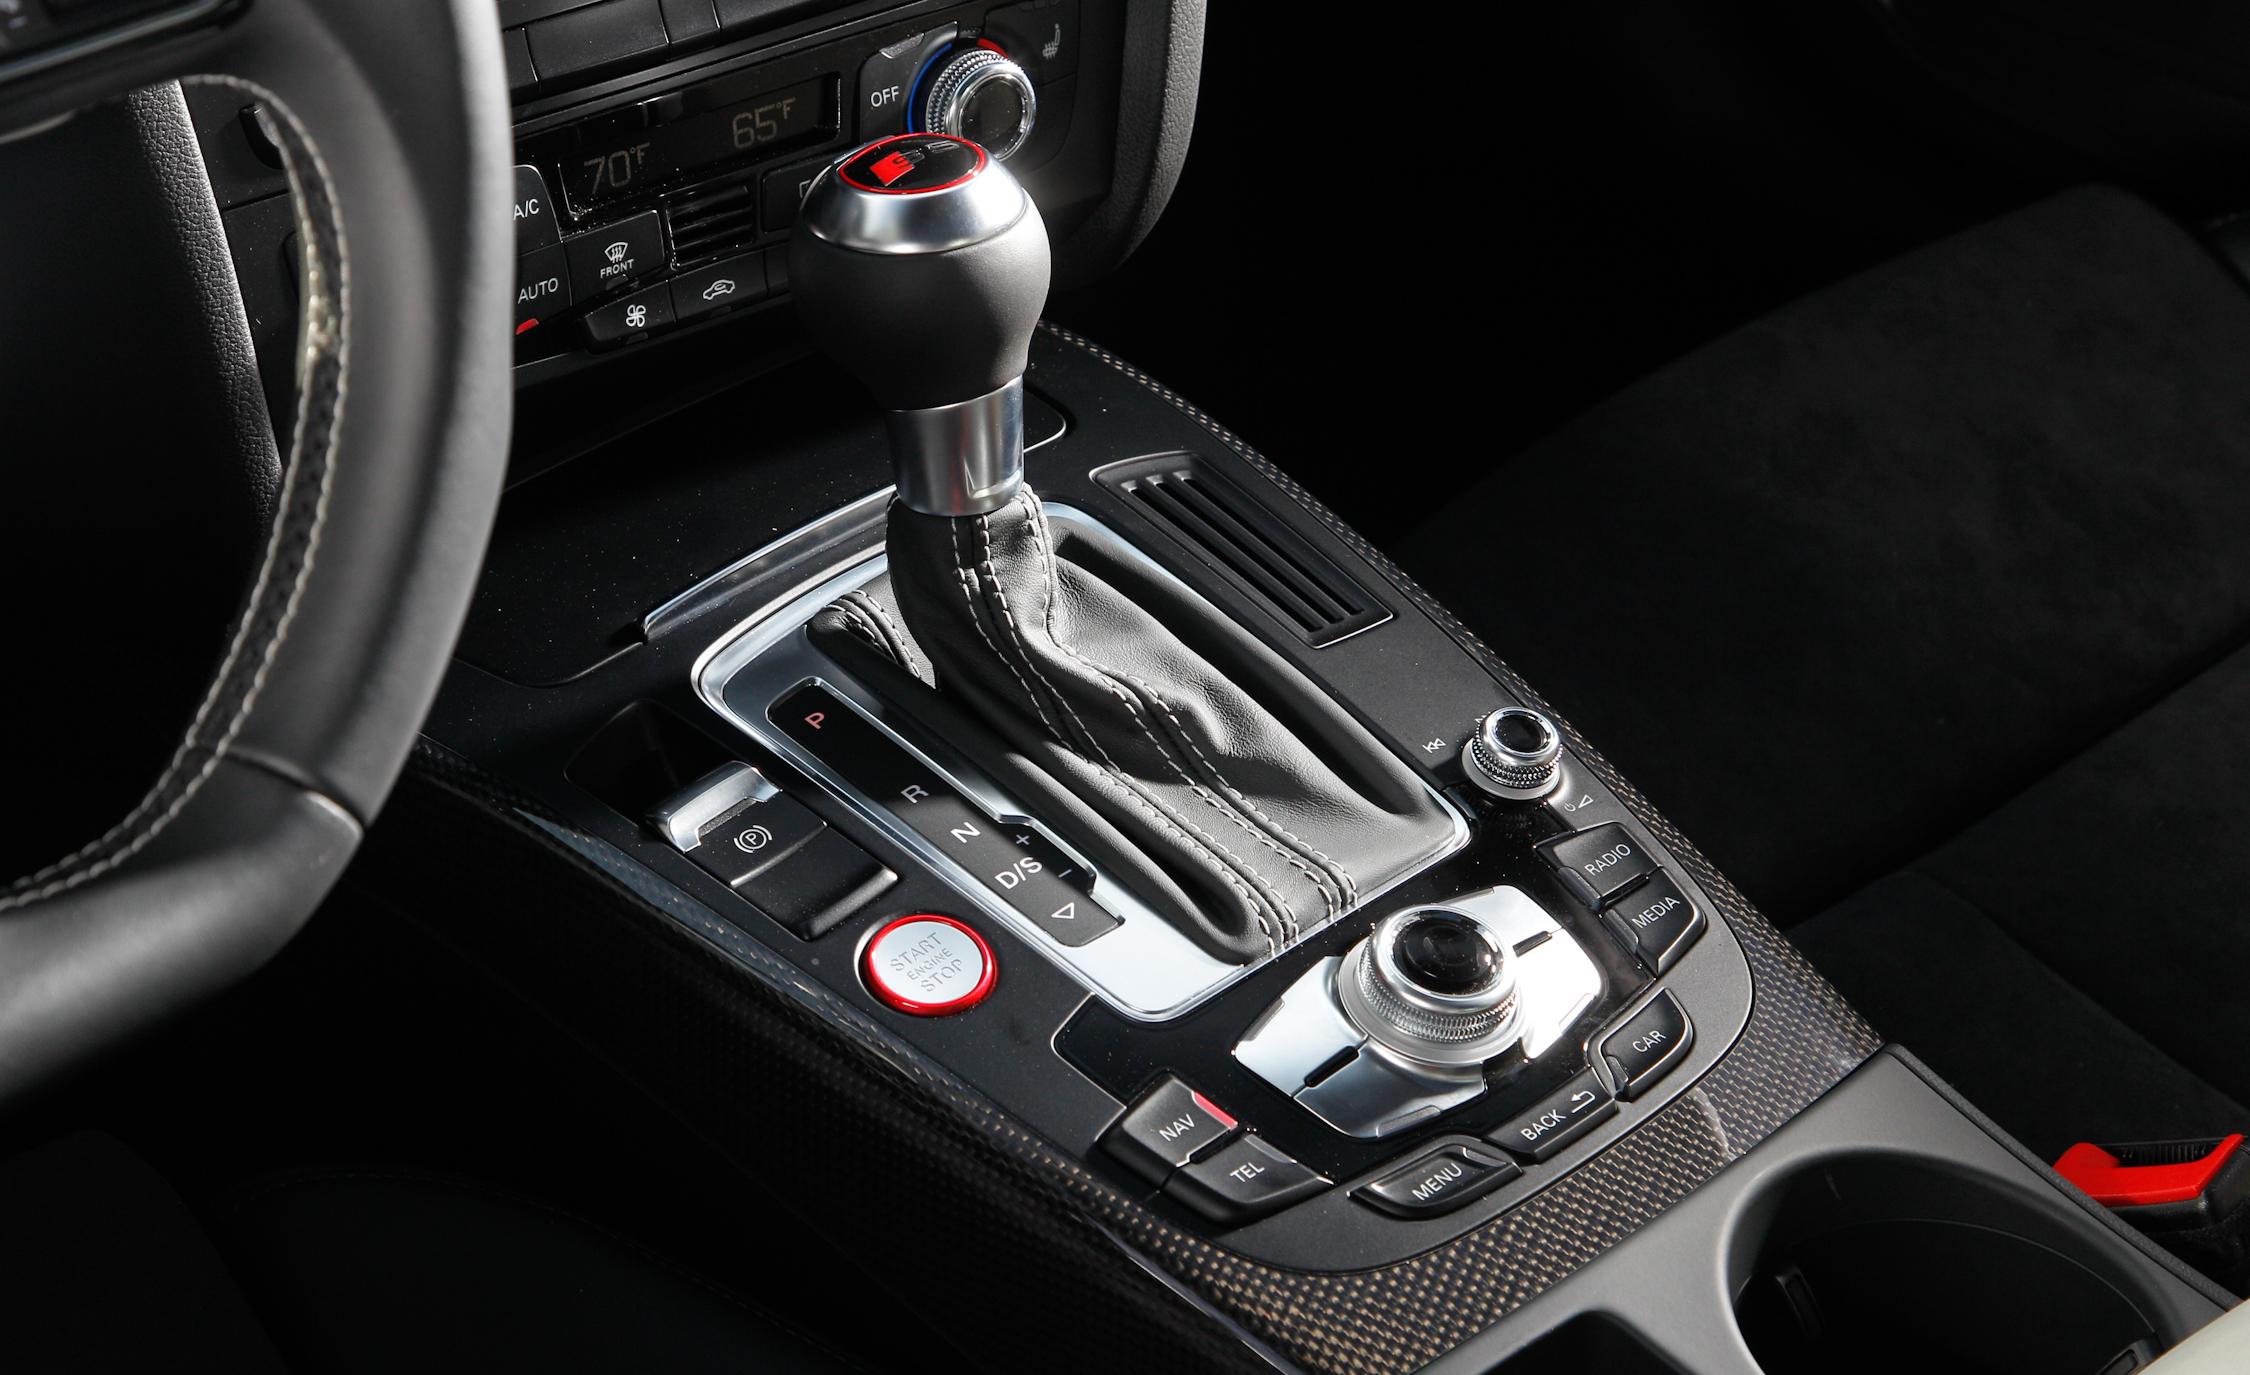 2015 Audi S5 Gear Shift Knob